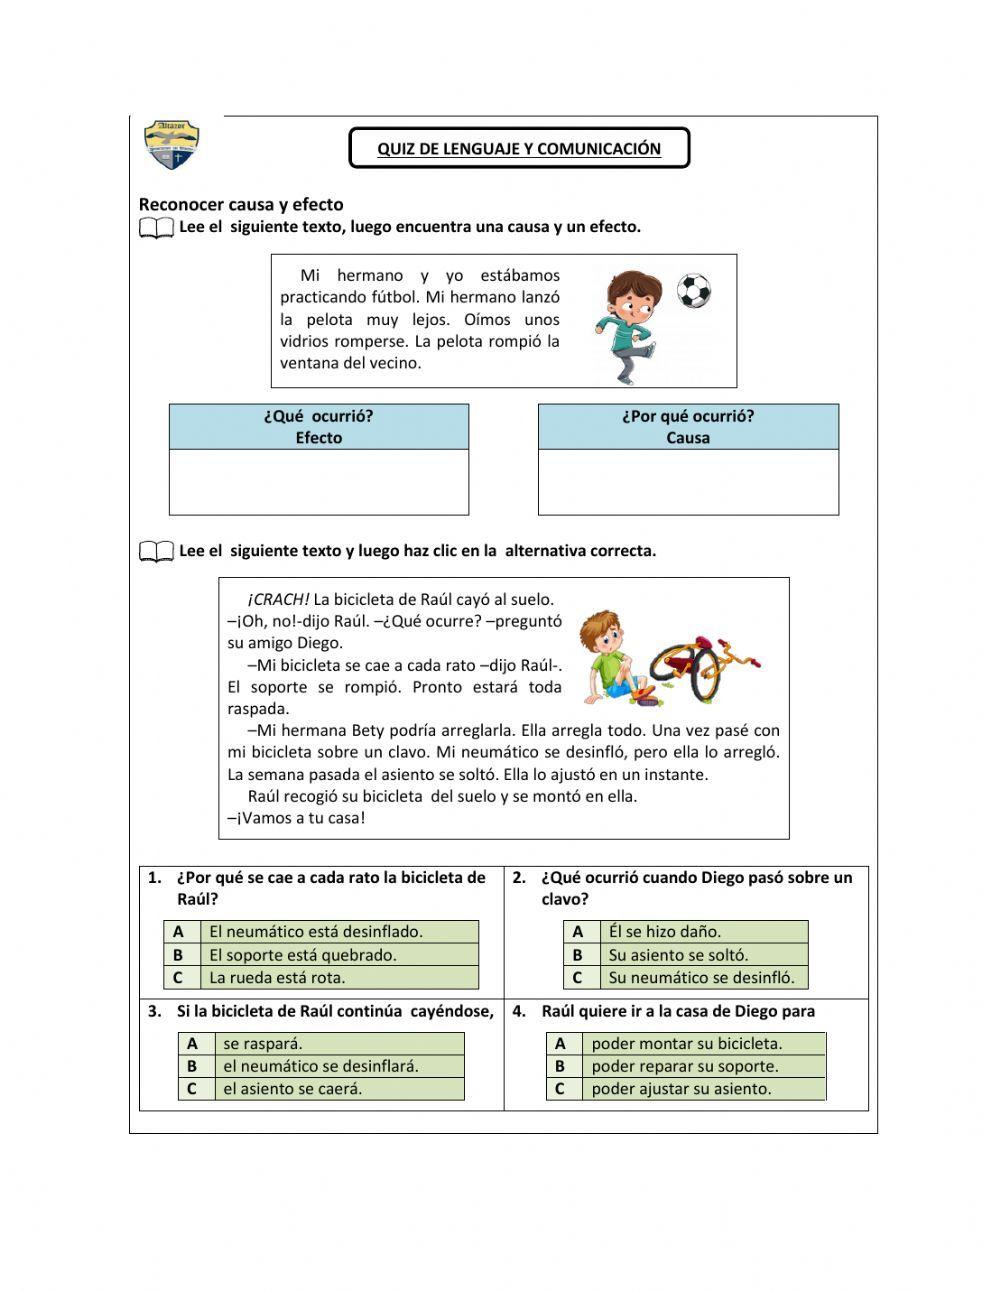 Reconocer Causa Y Efecto Ficha Interactiva Y Descargable Puedes Hacer Los Ej Estrategias De Comprensión Estrategias De Comprension Lectora Comprensión Lectora